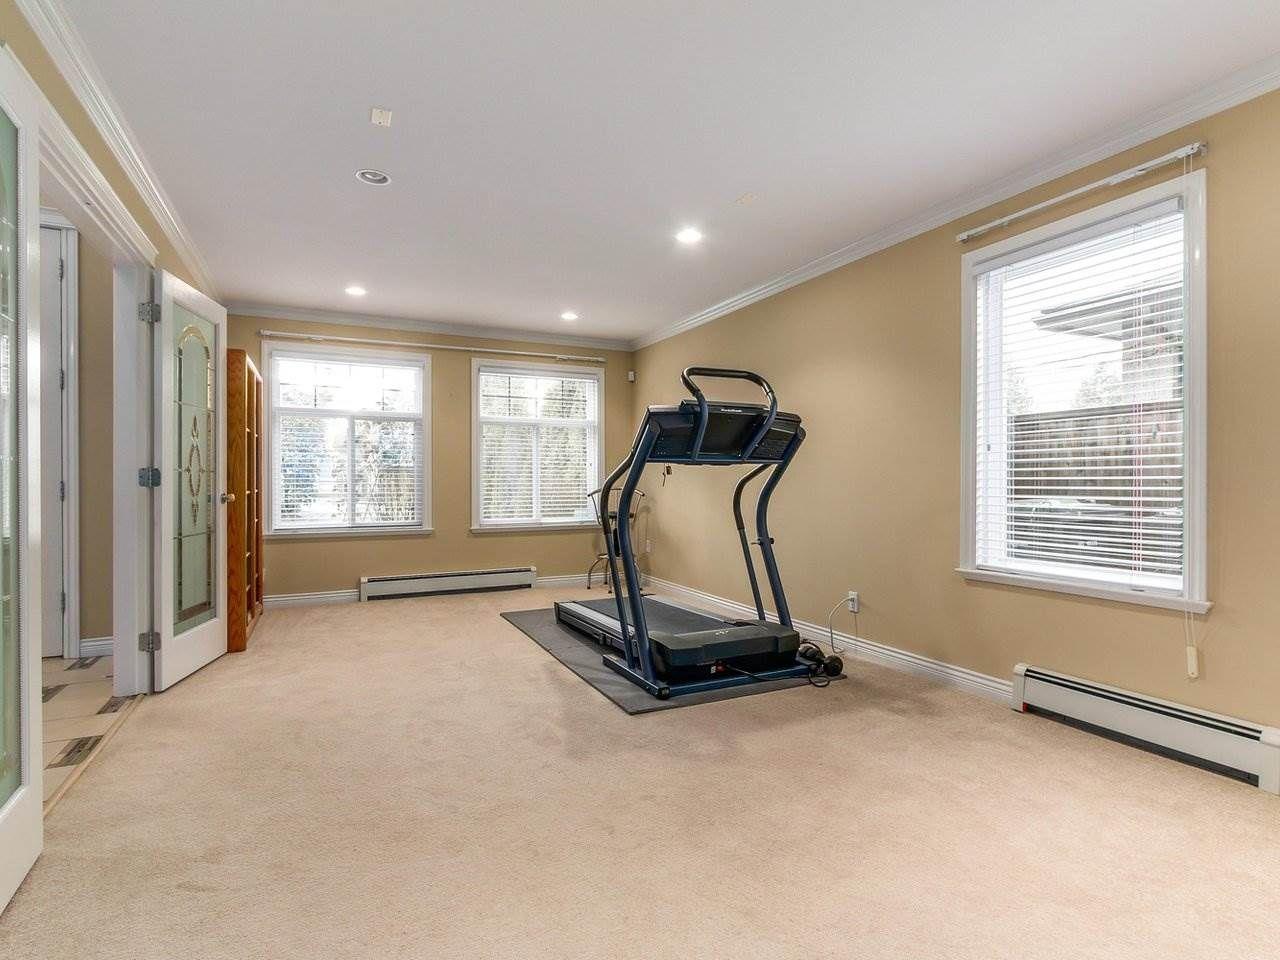 Photo 19: Photos: 725 REGAN Avenue in Coquitlam: Coquitlam West House for sale : MLS®# R2226266